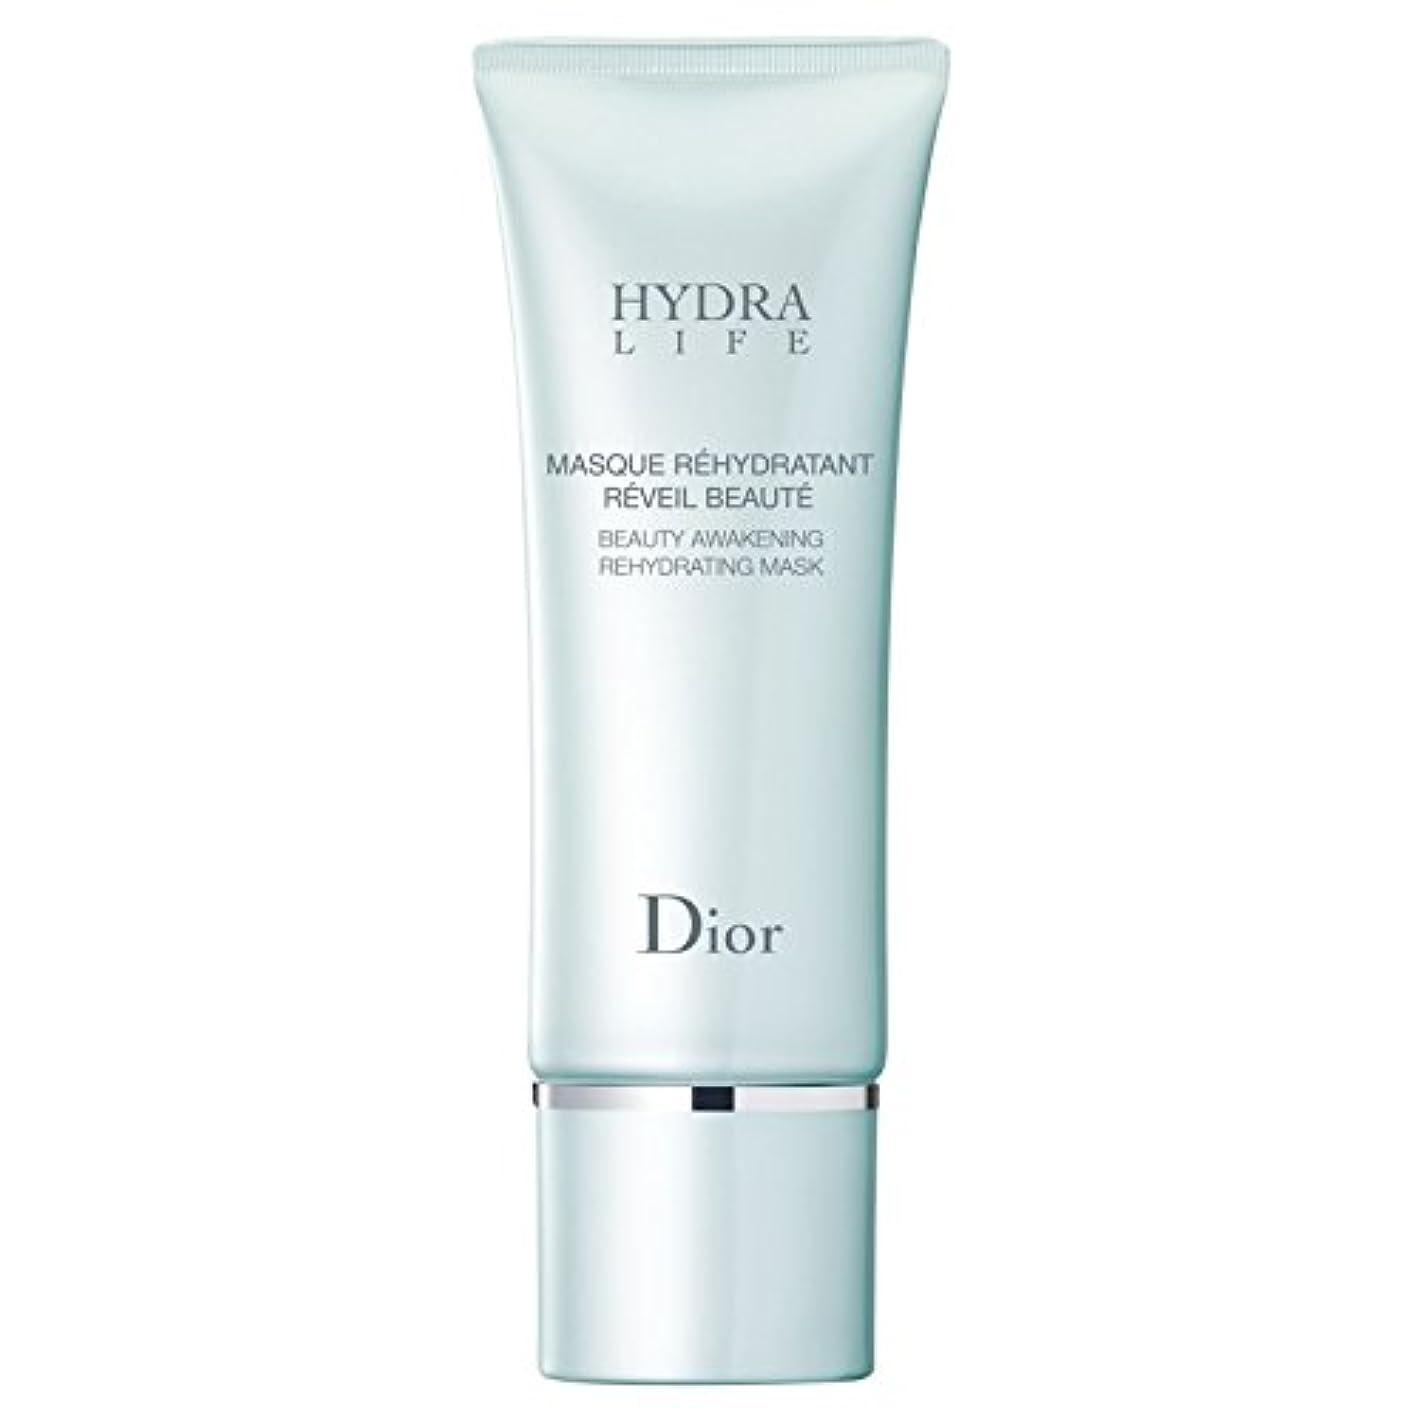 登録ありそう帽子[Dior] マスク75ミリリットルを再水和ディオールヒドラ人生の美しさの目覚め - Dior Hydra Life Beauty Awakening Rehydrating Mask 75ml [並行輸入品]